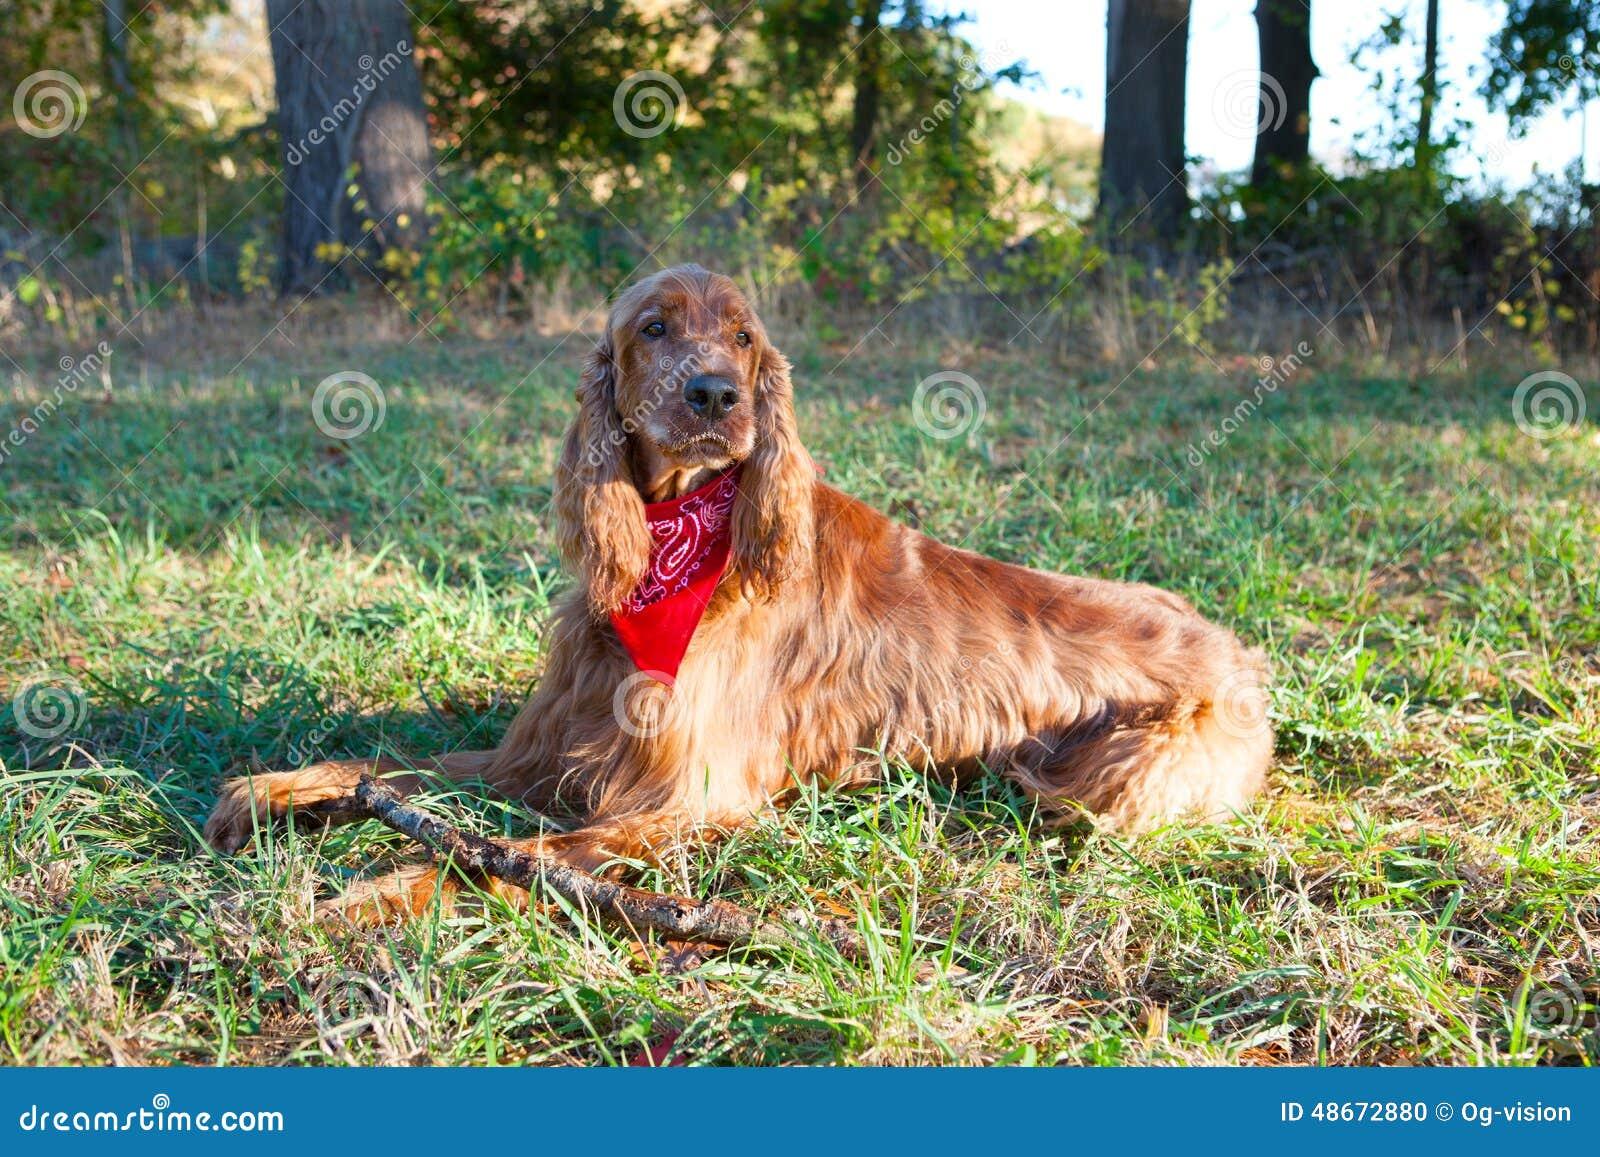 色狗与人弄的直流水_基于草的爱尔兰人的特定装置狗.